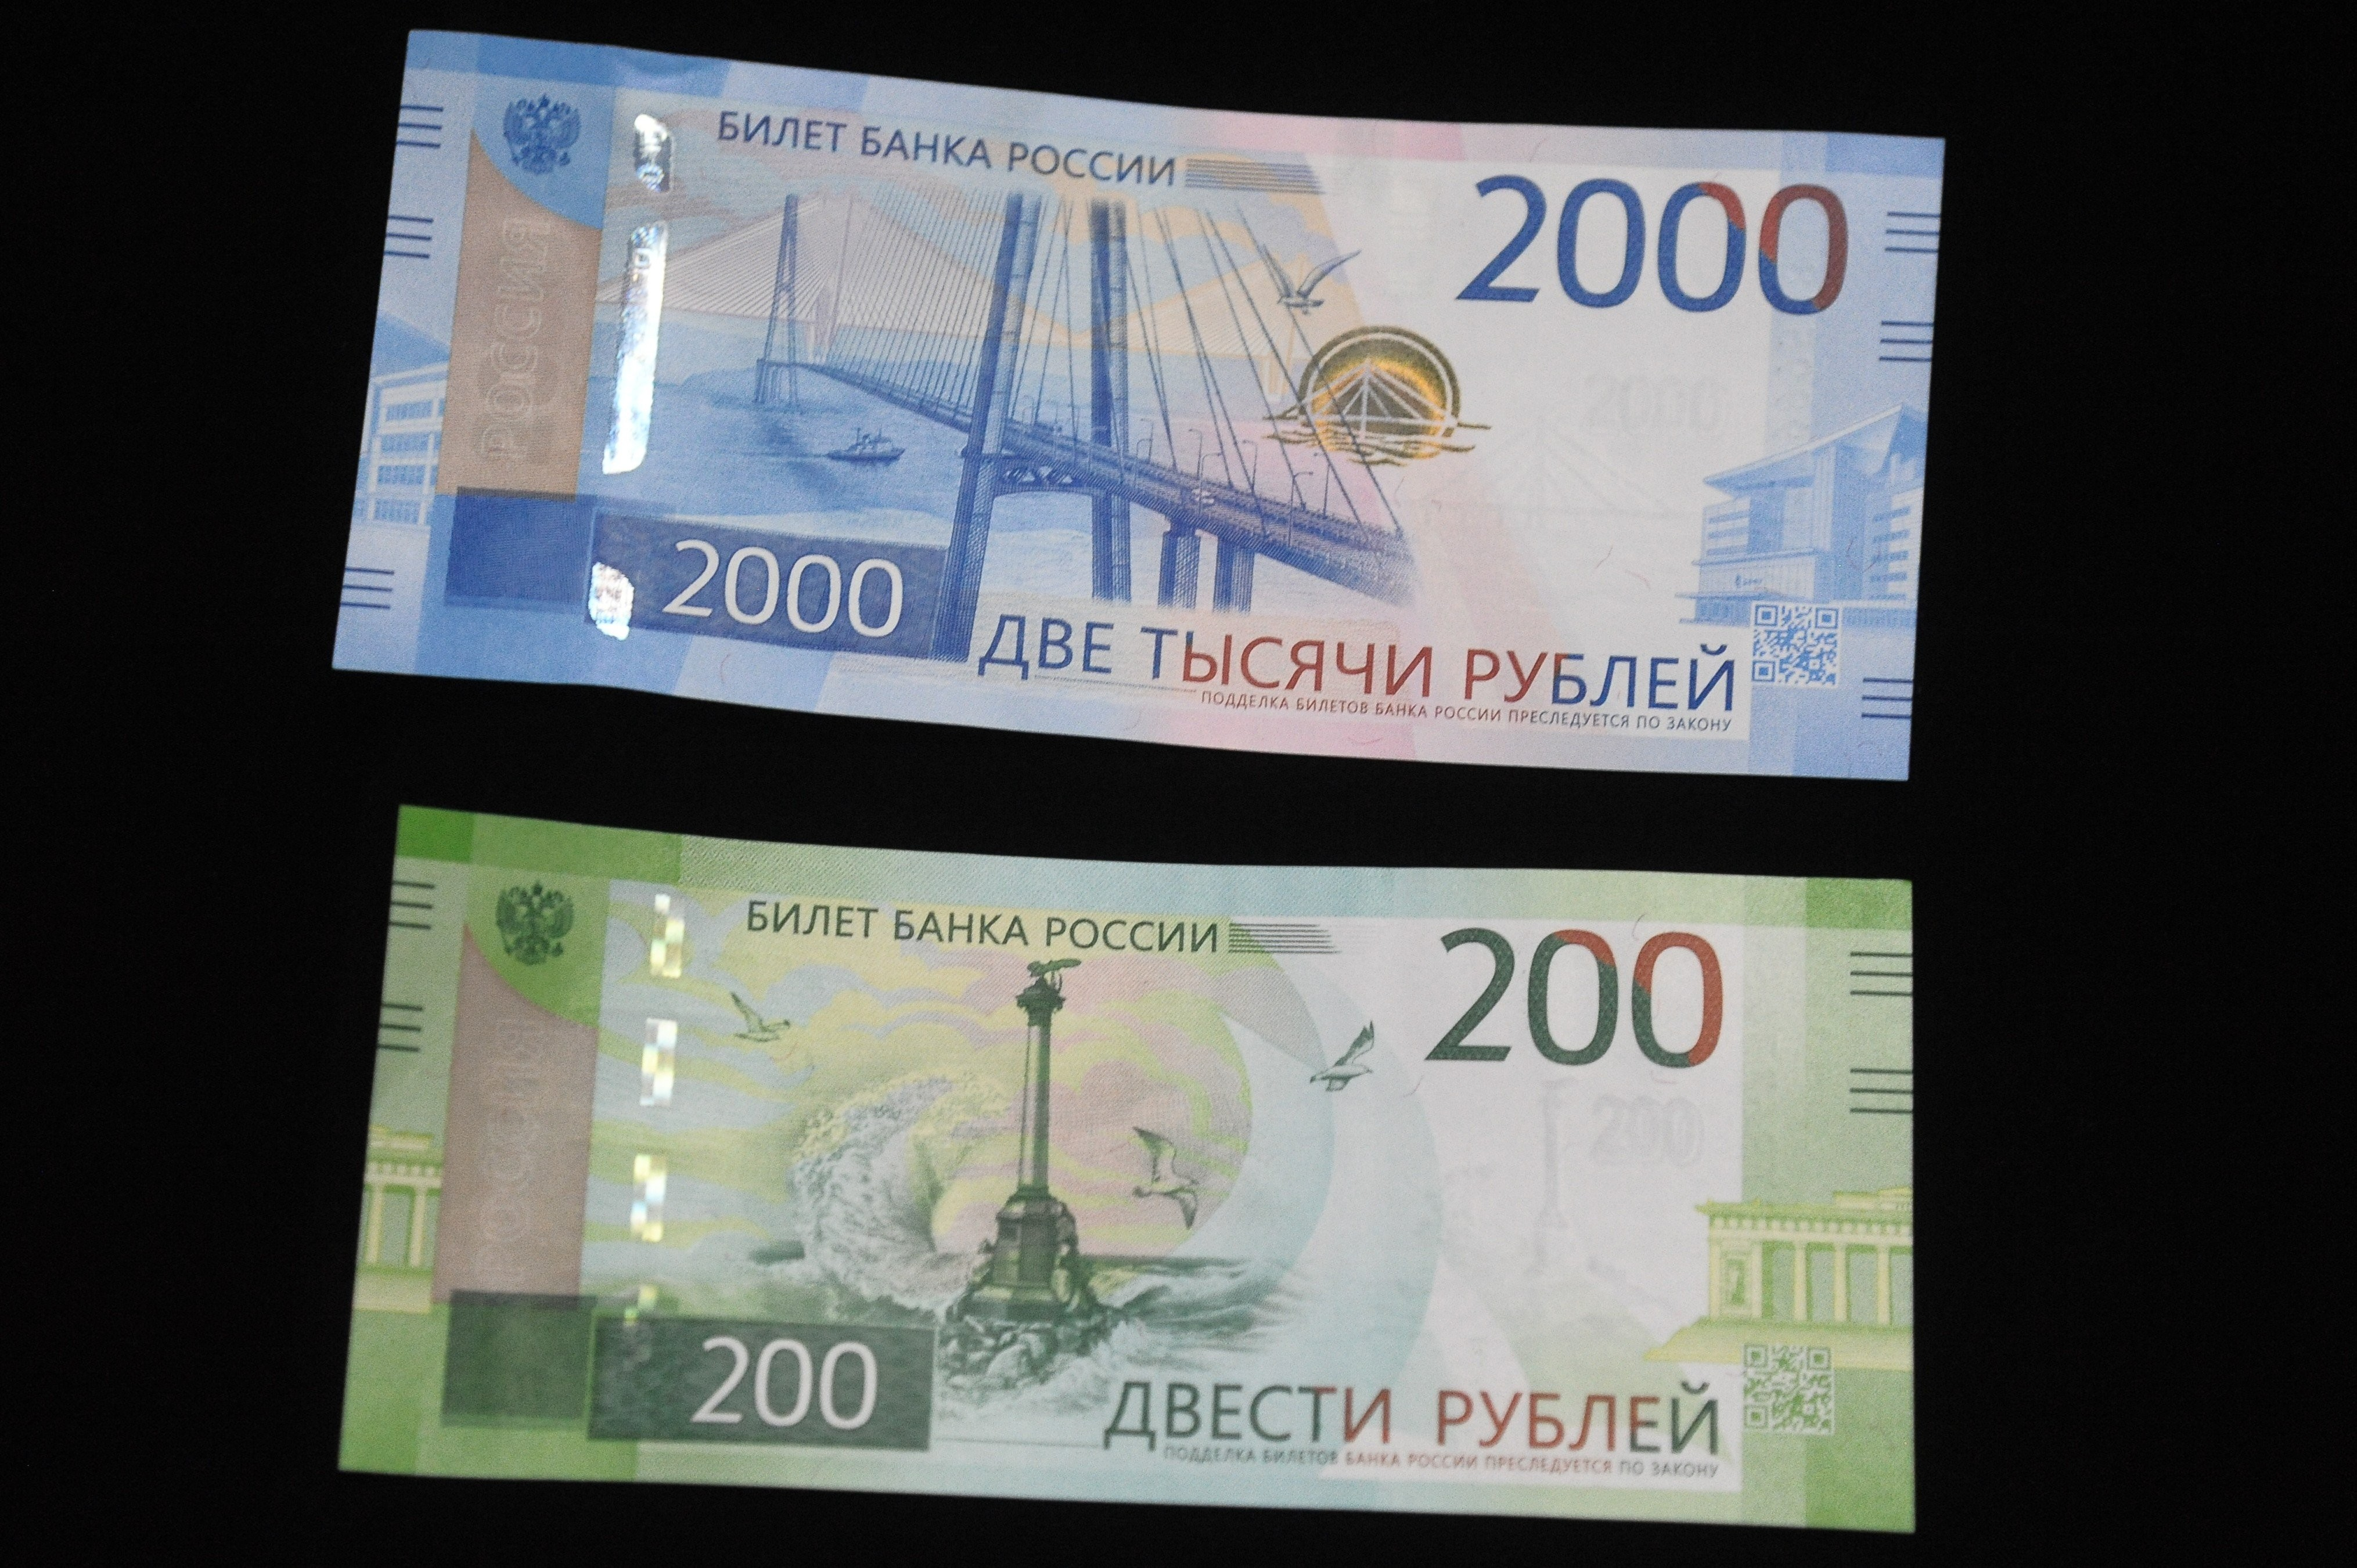 делается фото новых купюр валюты россии можете